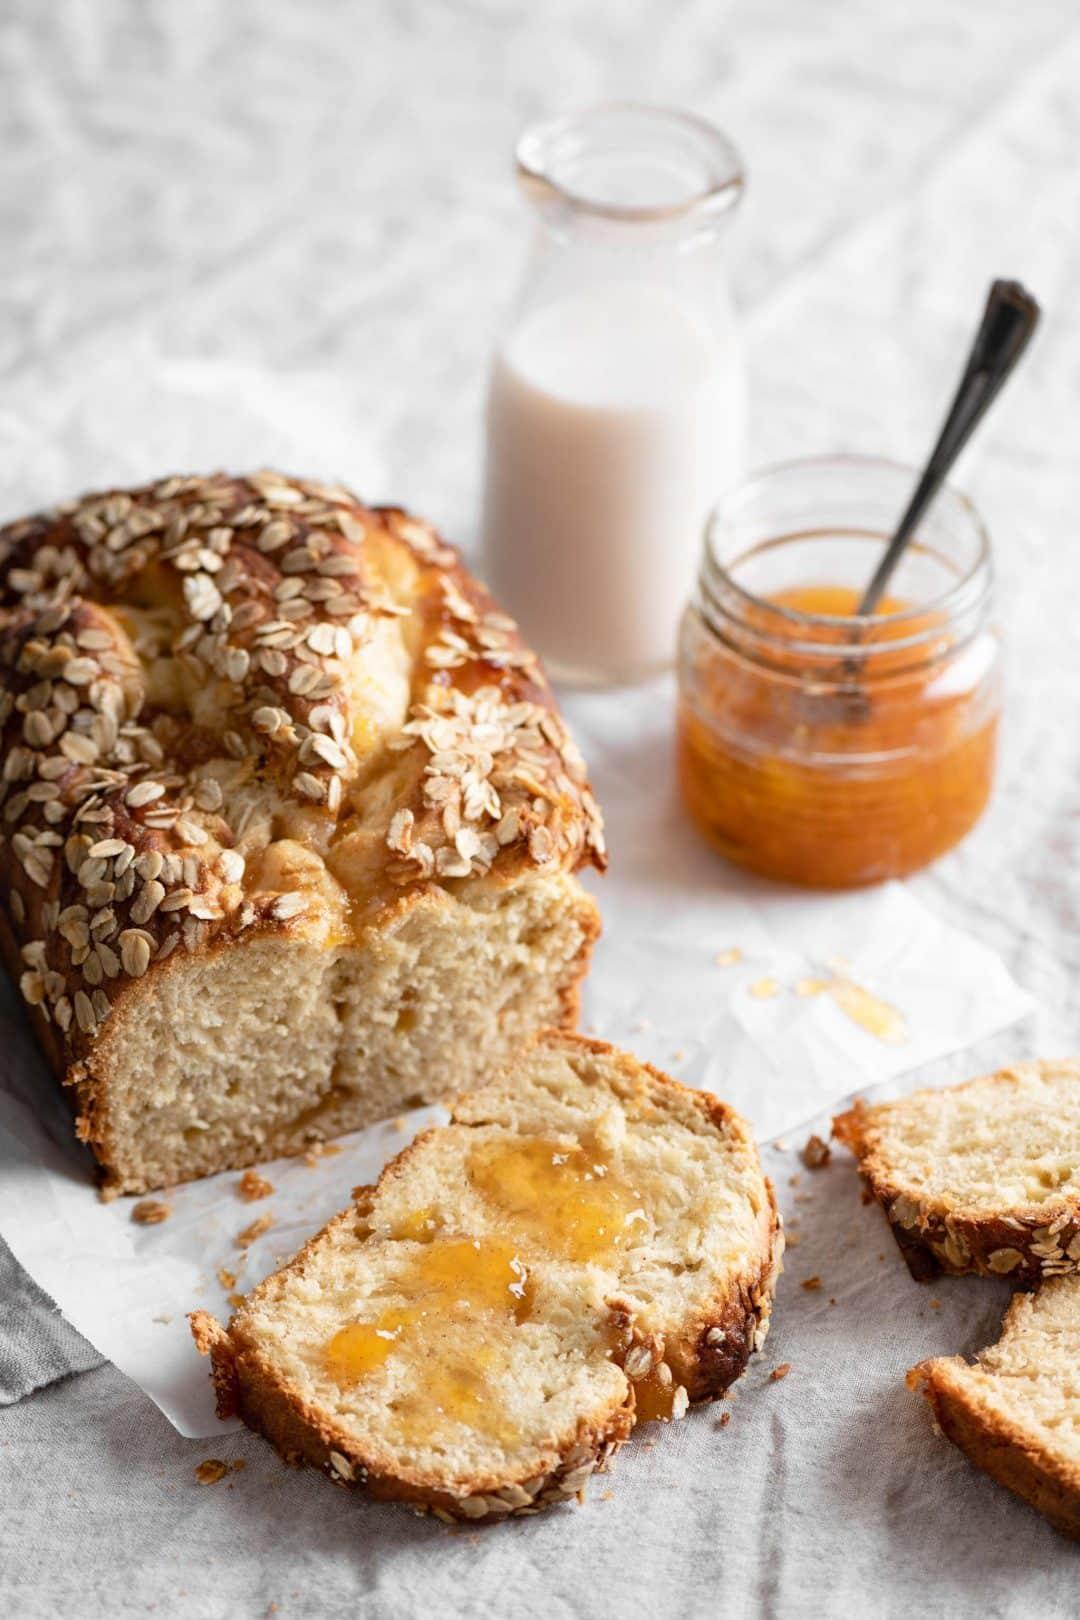 Peach brioche Bread served with peach preserves and milk